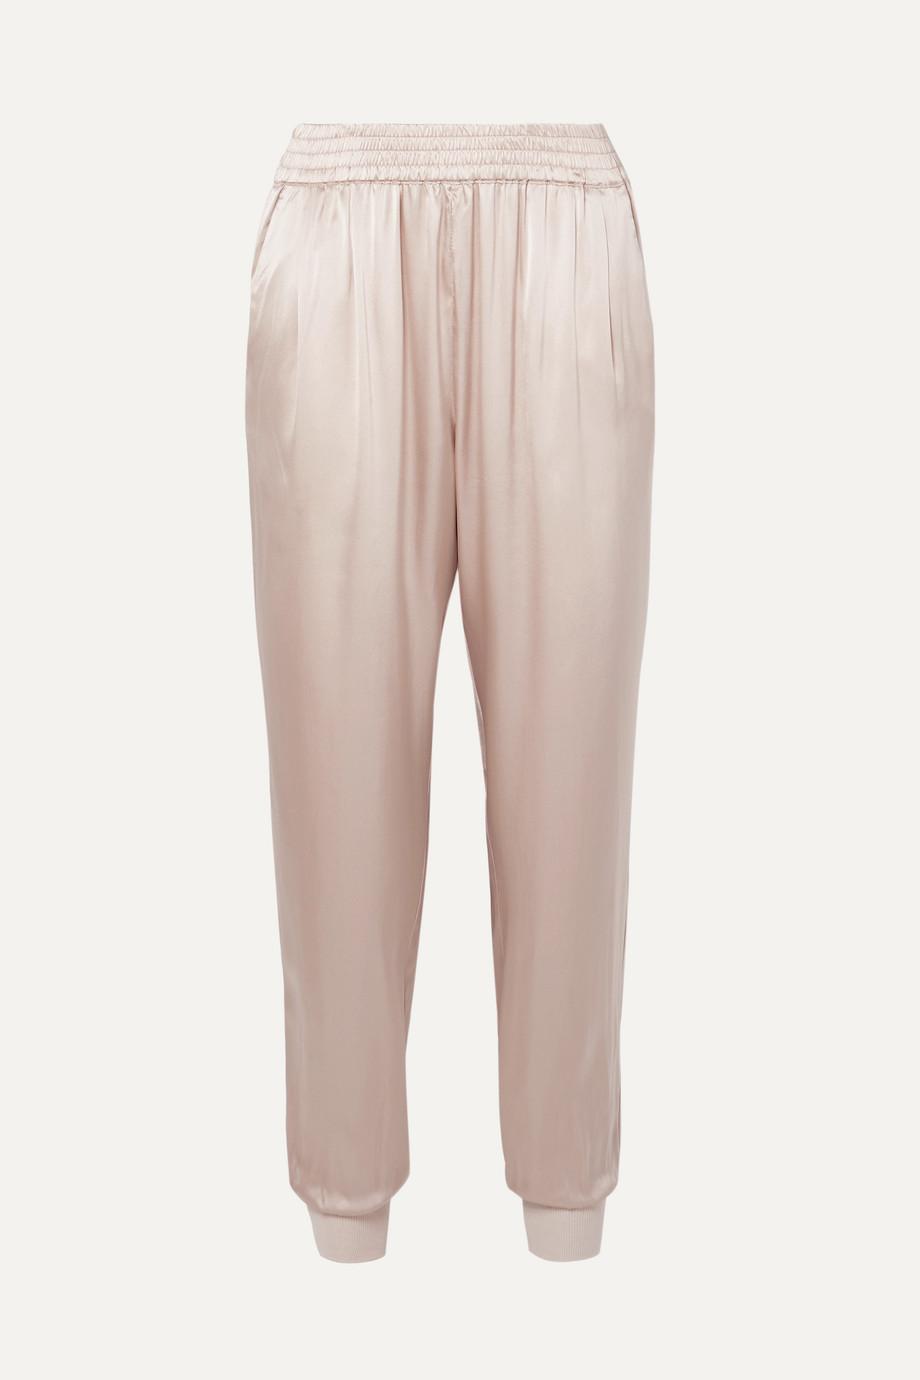 Cami NYC Pantalon de survêtement en charmeuse de soie The Sadie